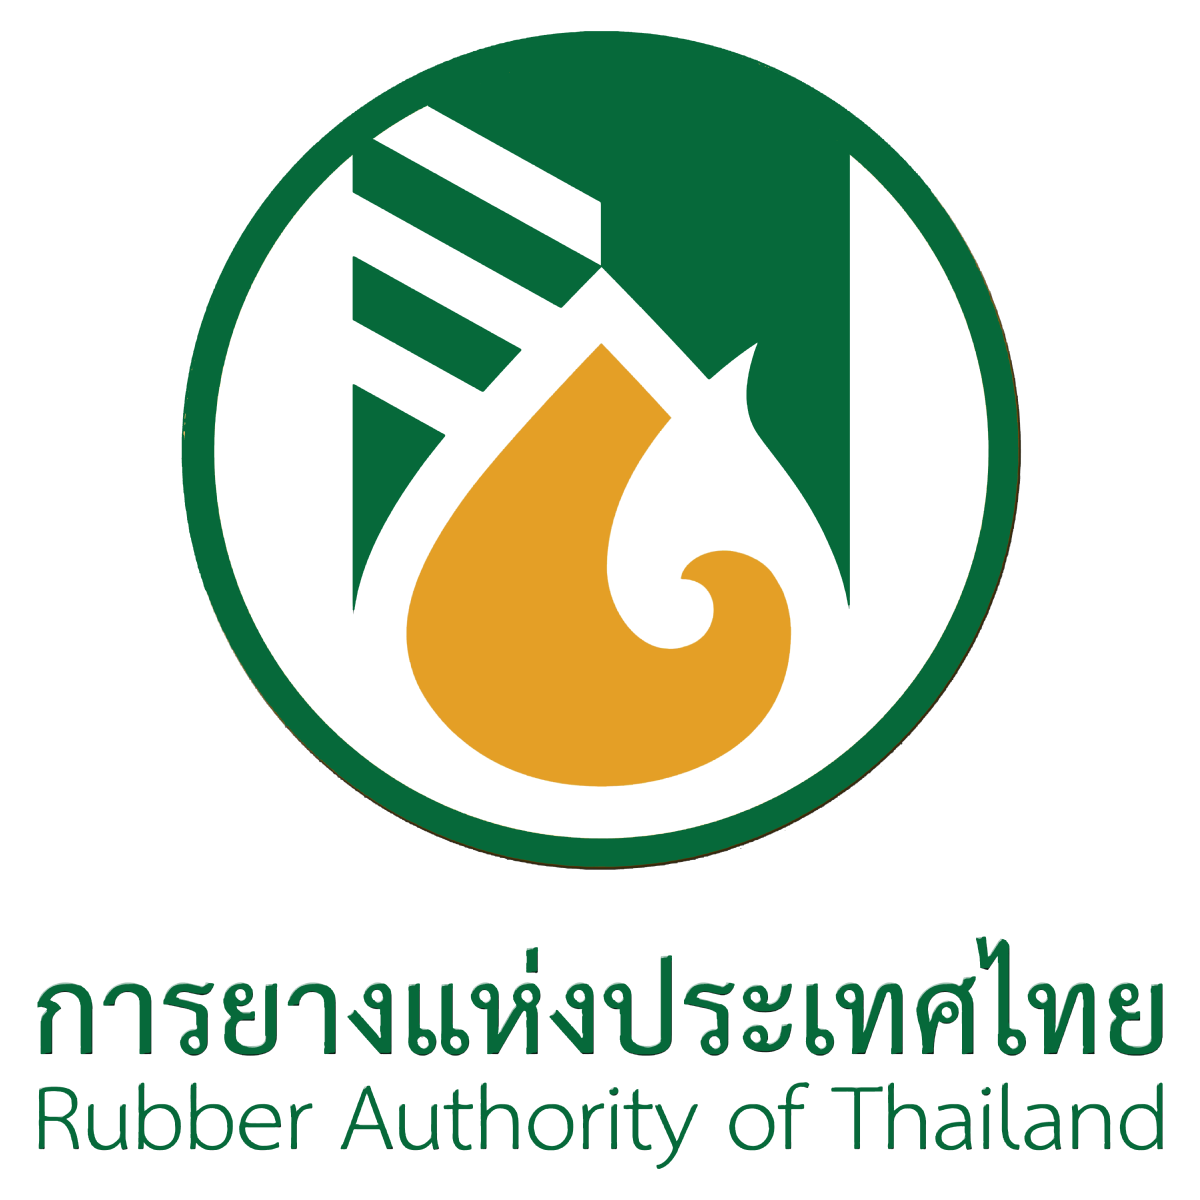 การยางแห่งประเทศไทย    เปิดรับสมัครสอบ บัดนี้-  รวม 18 อัตรา,